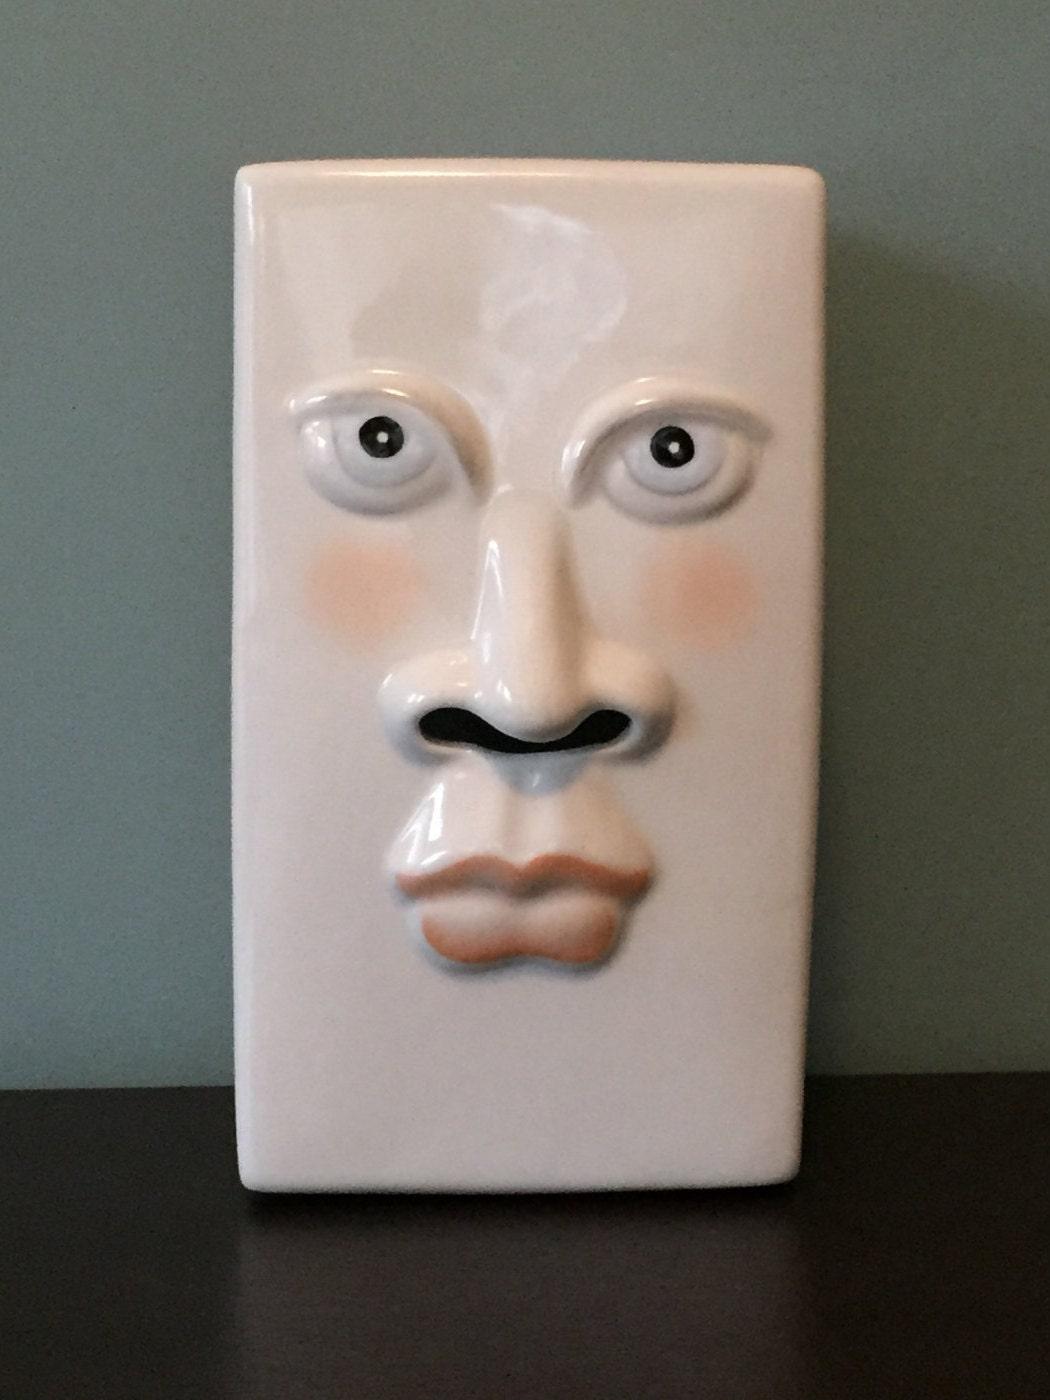 Unique Vintage Ceramic Face Tissue Box Holder 80s Design